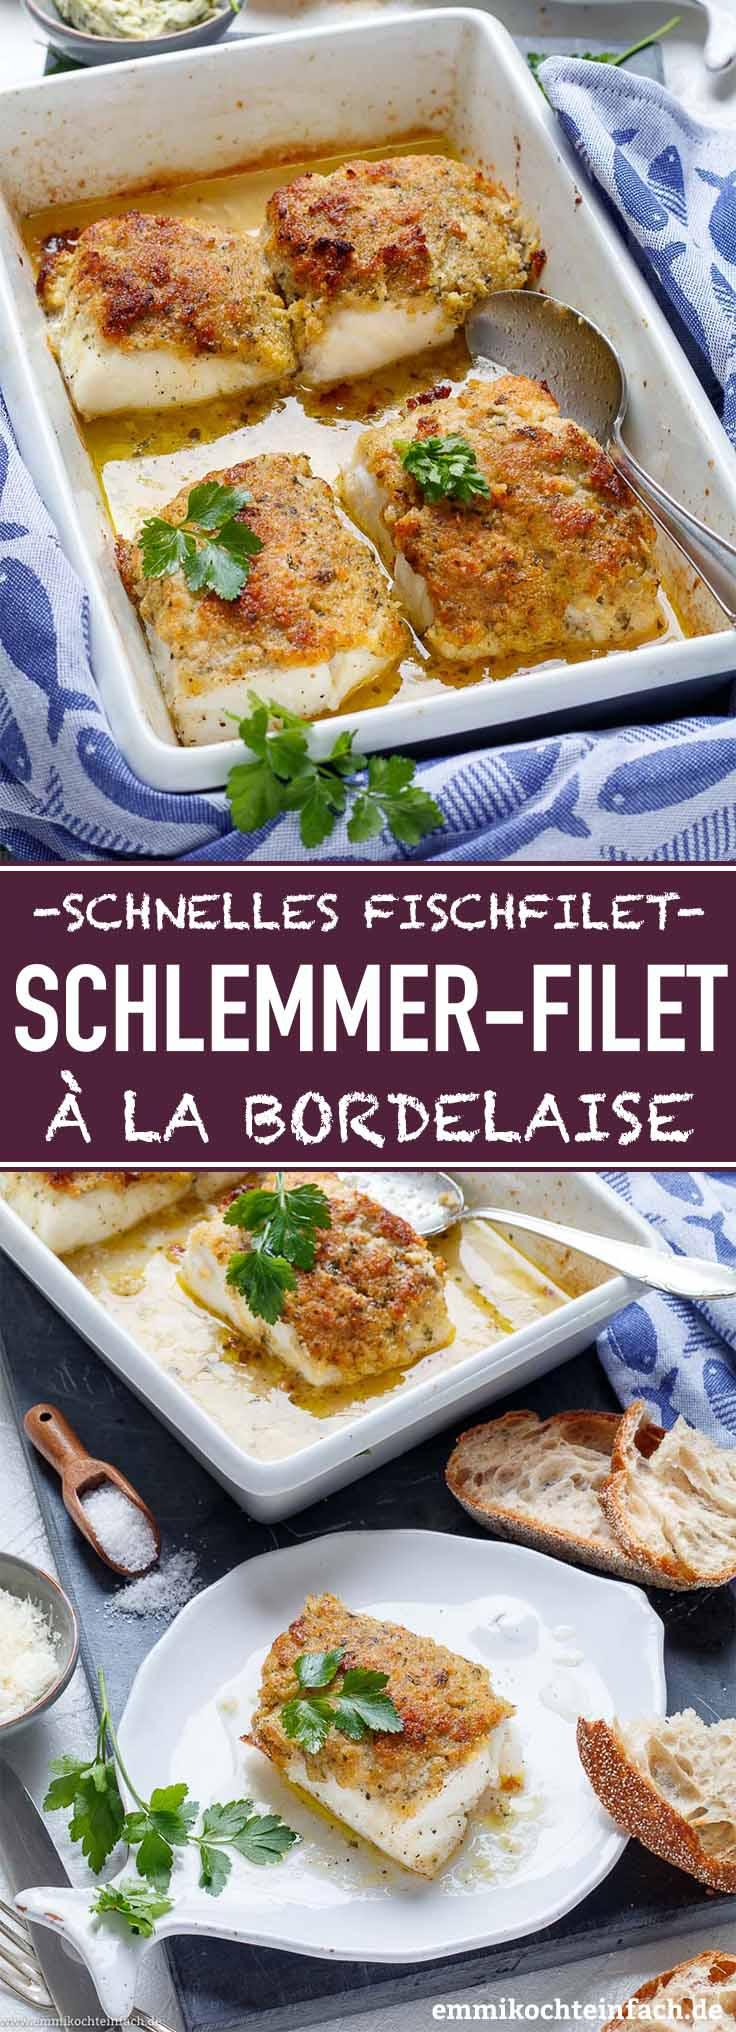 Schlemmerfilet a la Bordelaise - www.emmikochteinfach.de